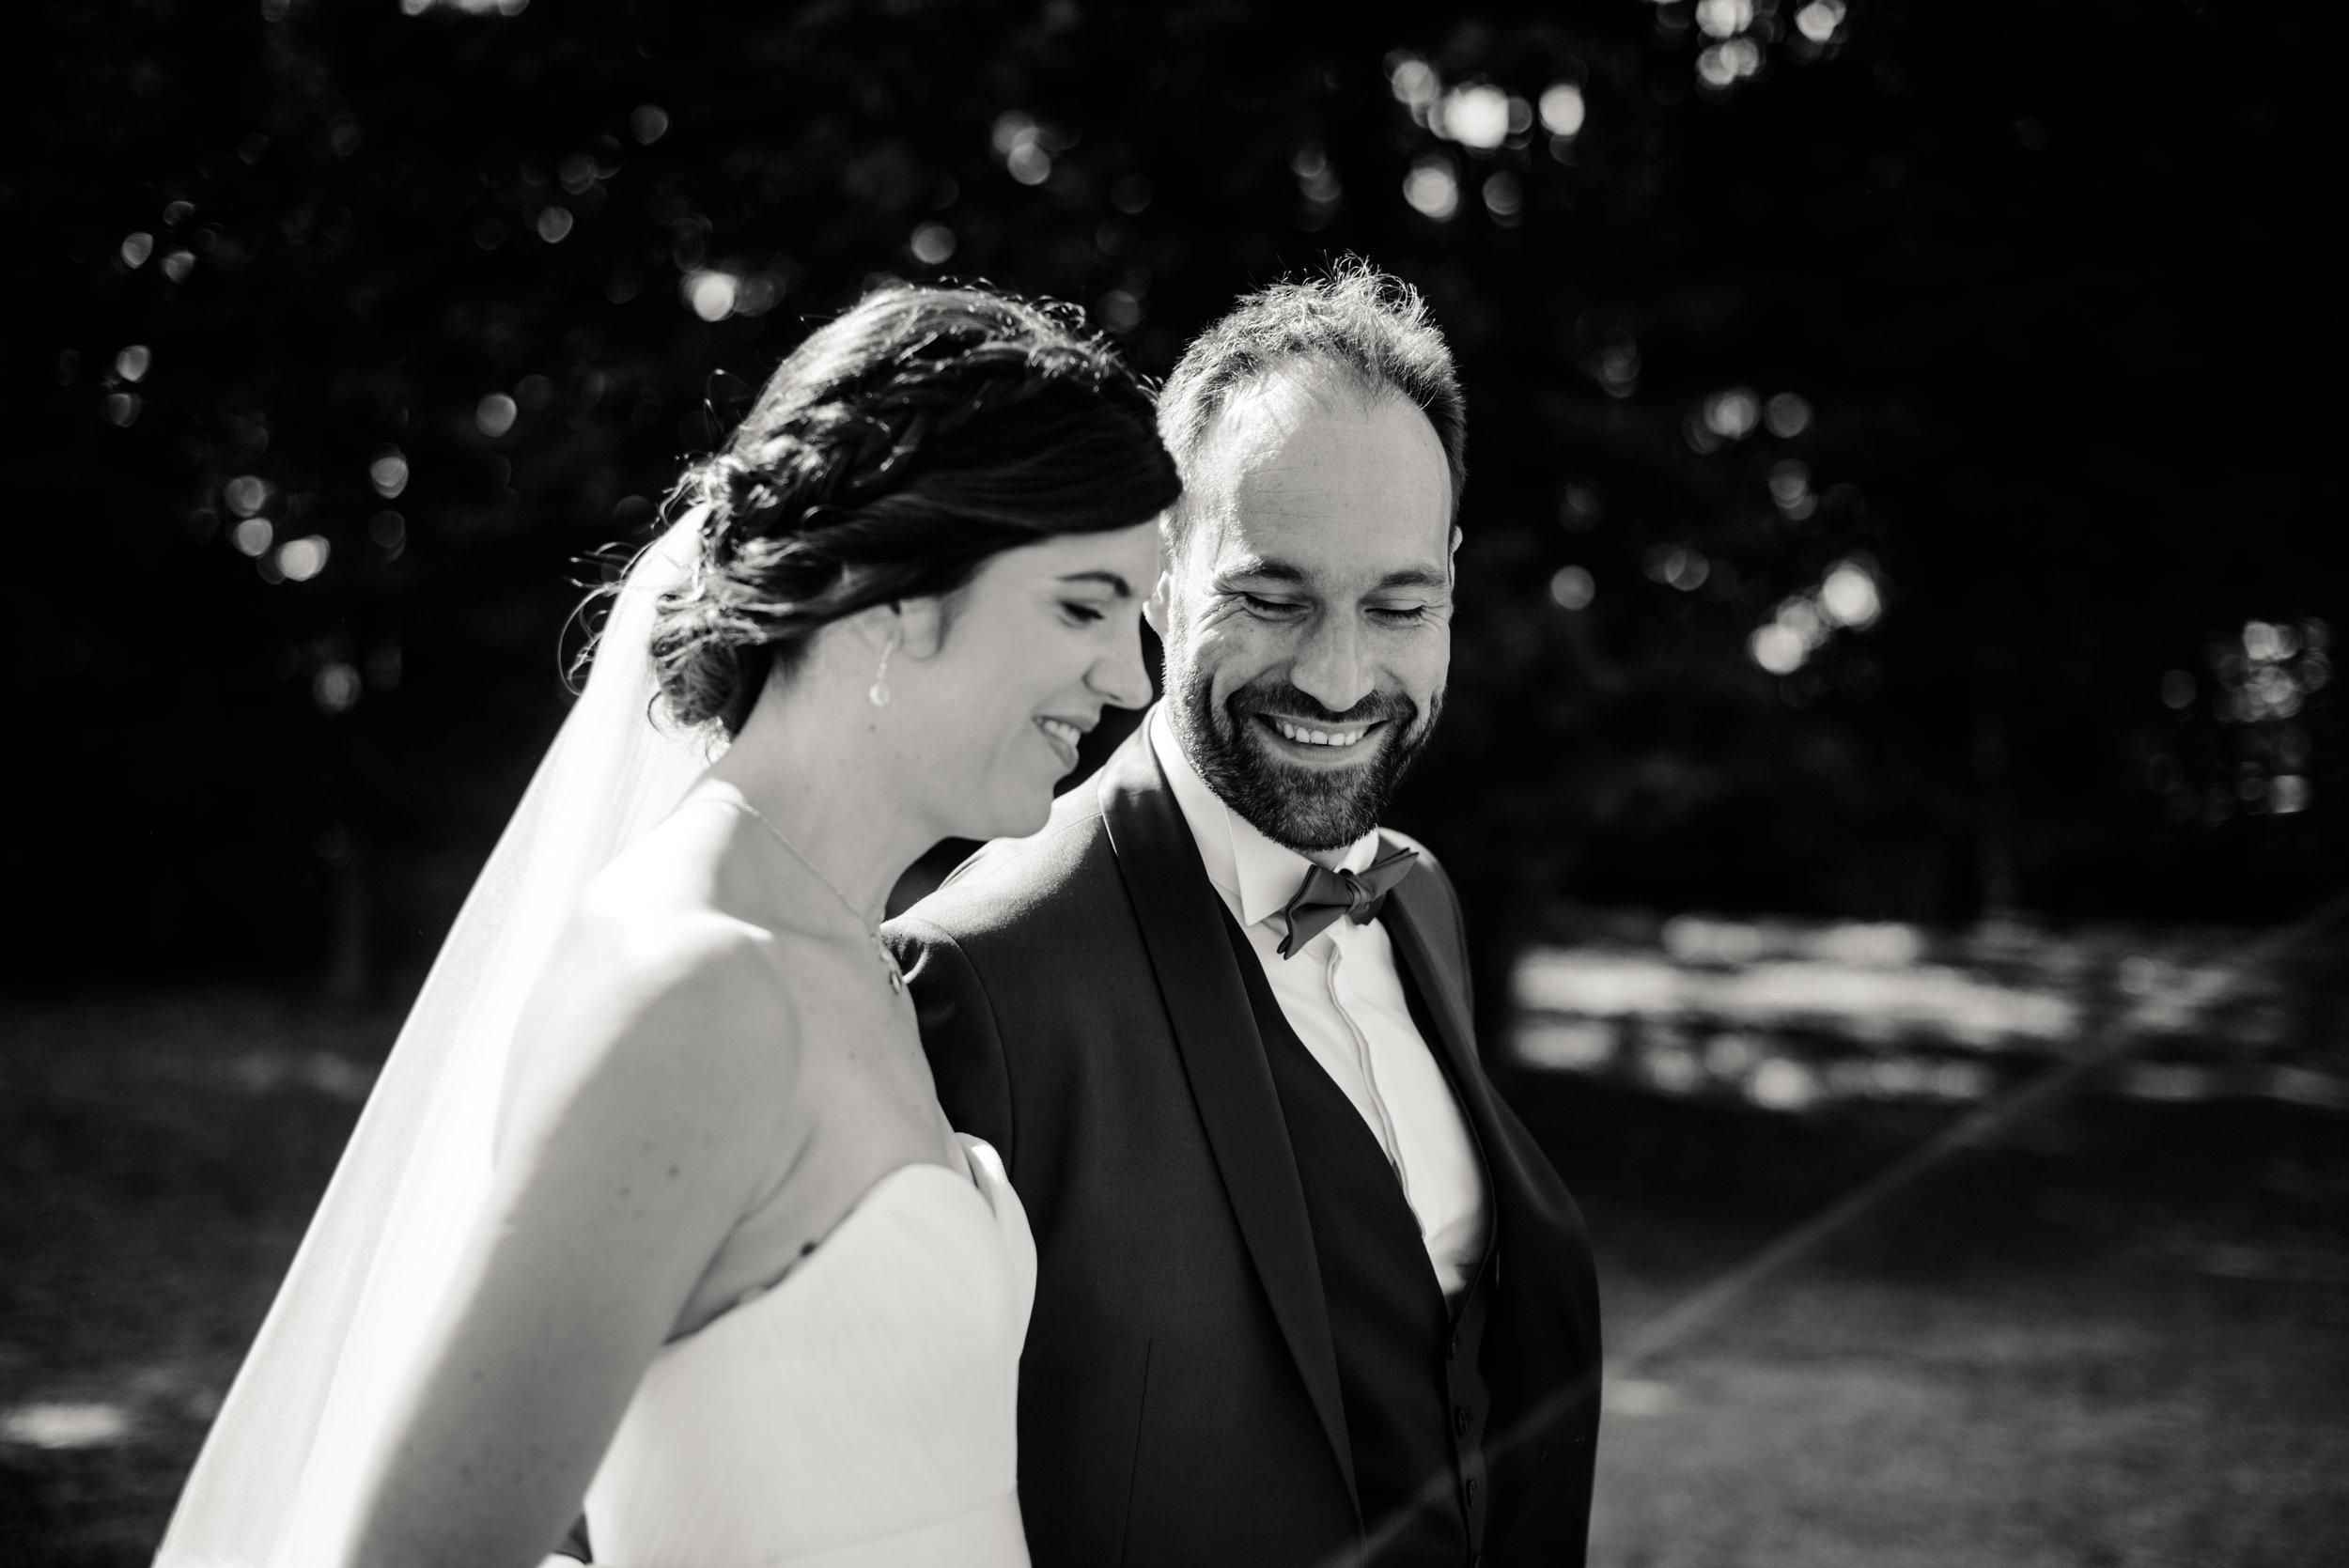 Léa-Fery-photographe-professionnel-lyon-rhone-alpes-portrait-creation-mariage-evenement-evenementiel-famille-8521.jpg